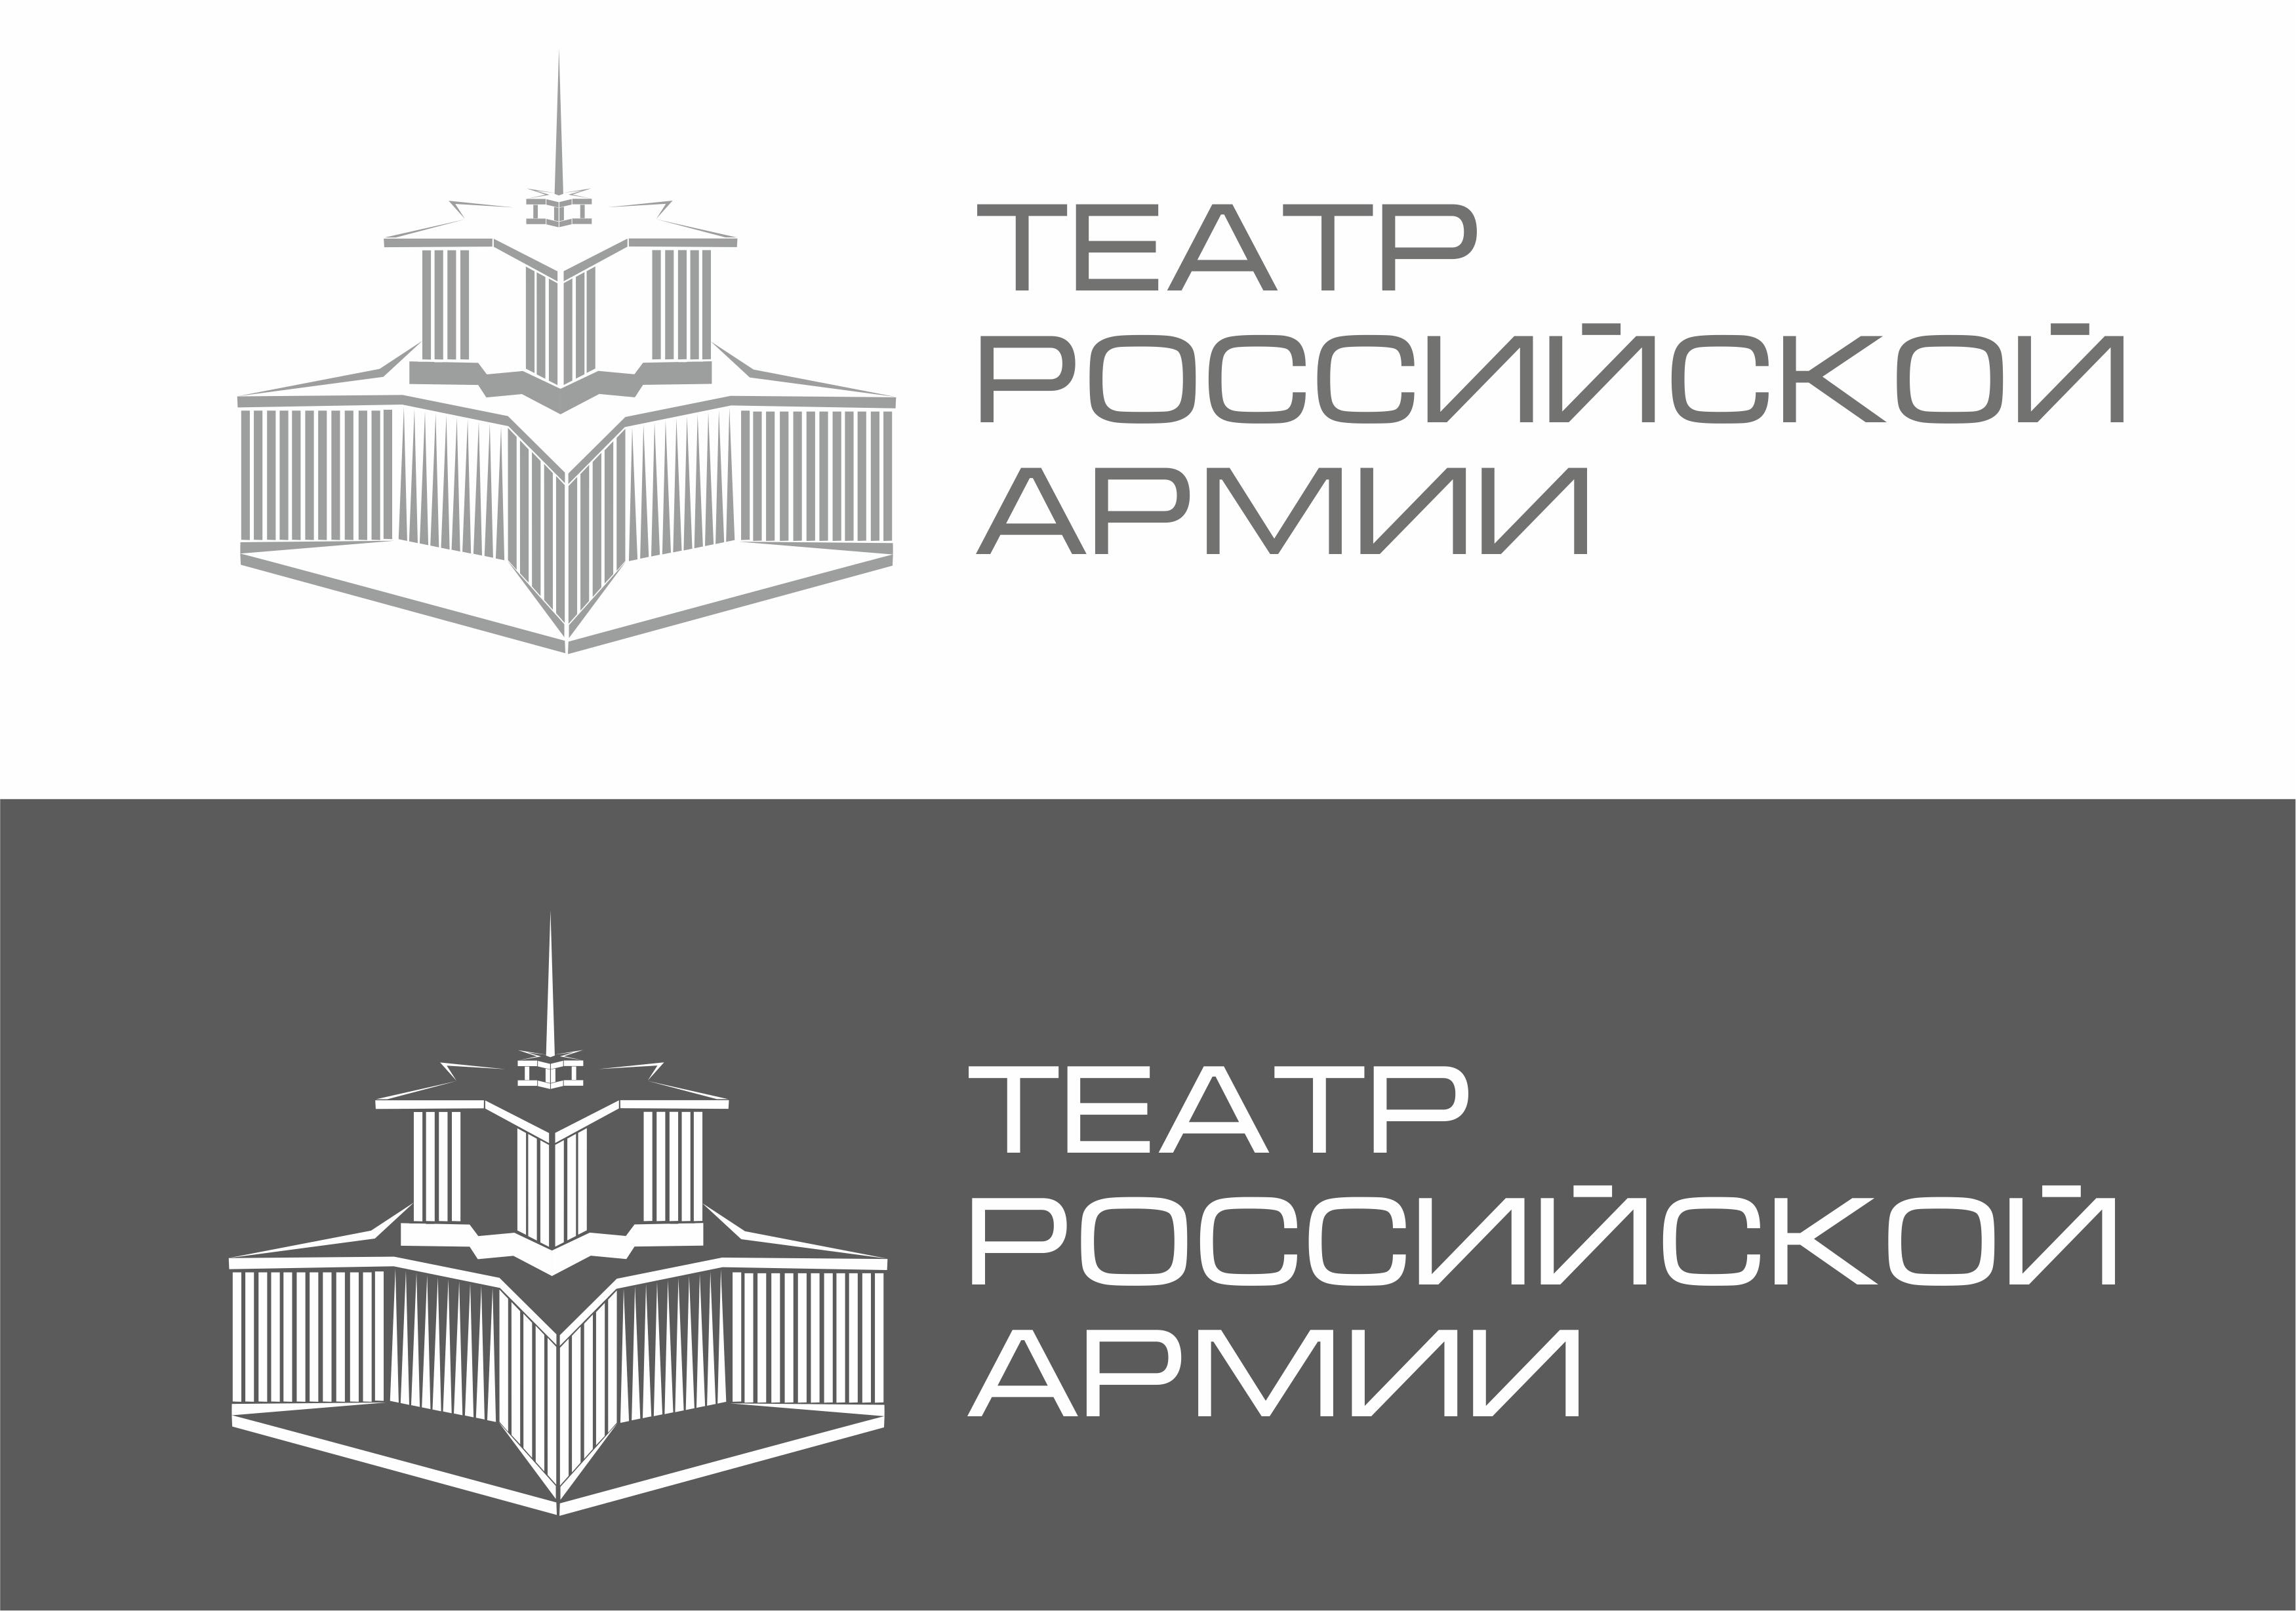 Разработка логотипа для Театра Российской Армии фото f_1715883f38b5cf03.jpg